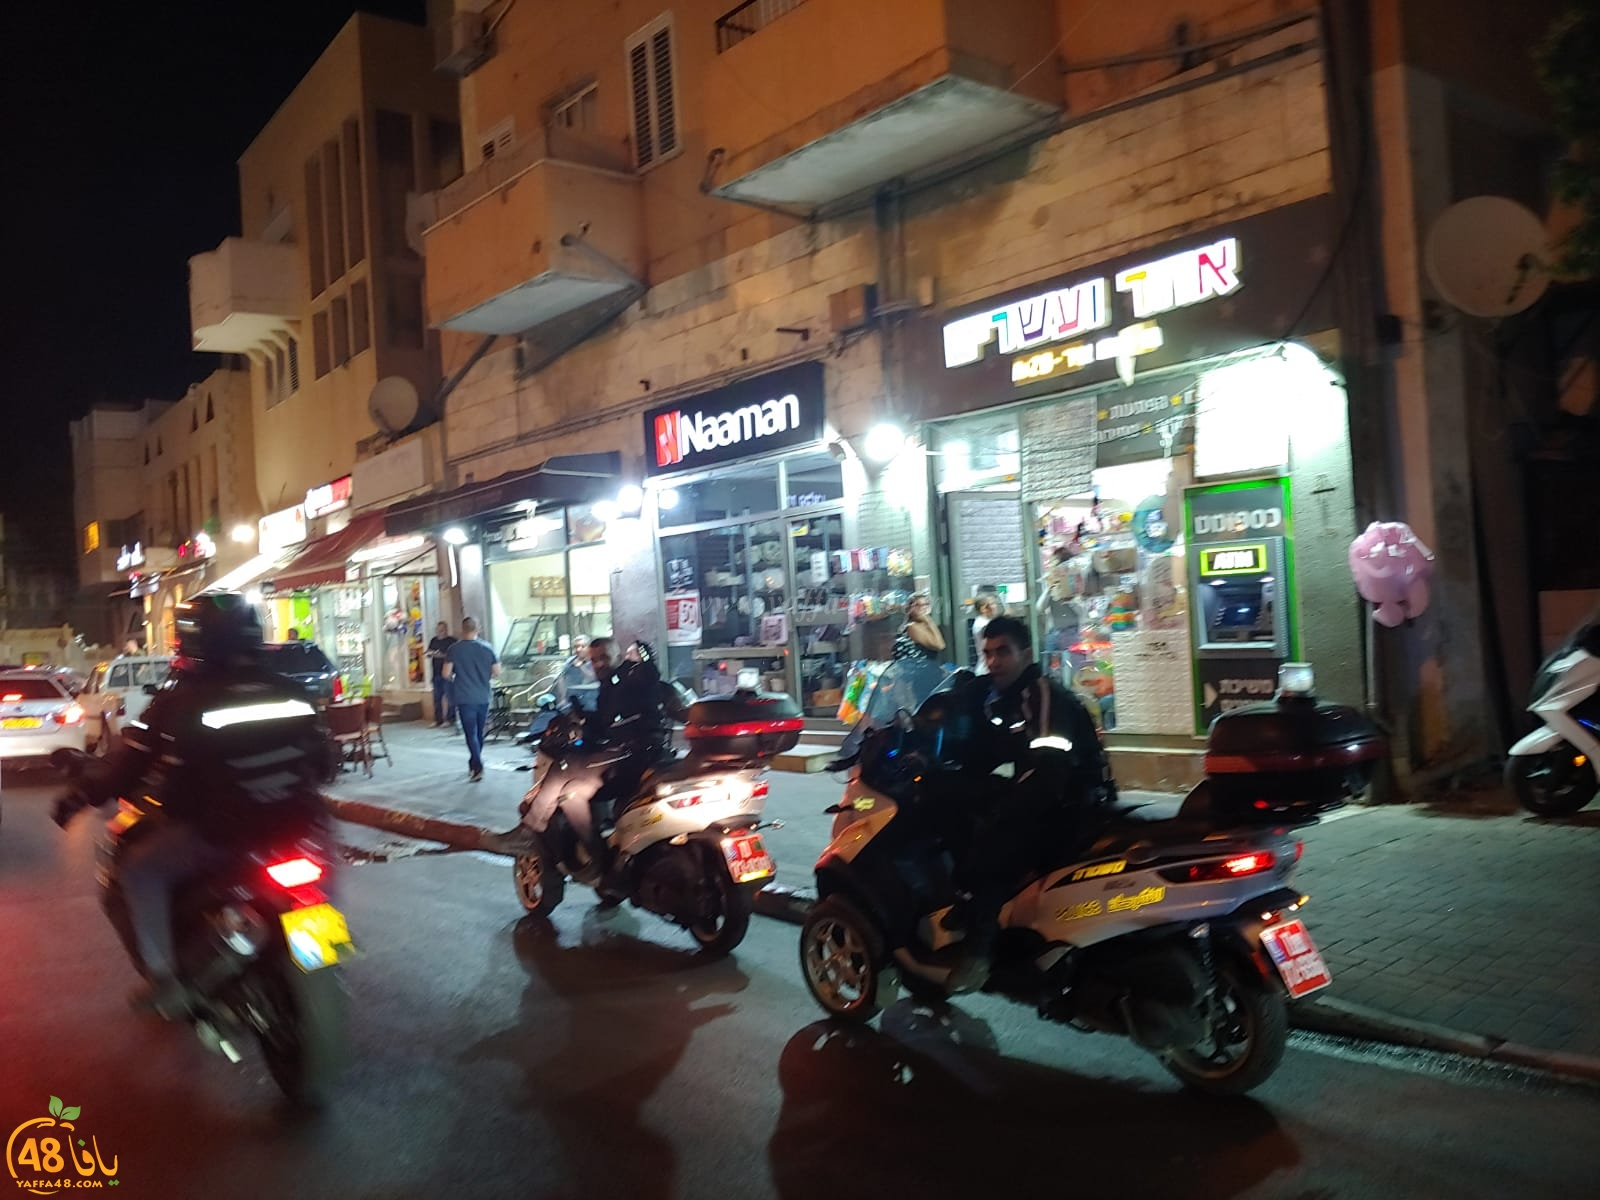 فيديو: الشرطة تنتشر بكثافة في شوارع يافا وتنصب حواجزها